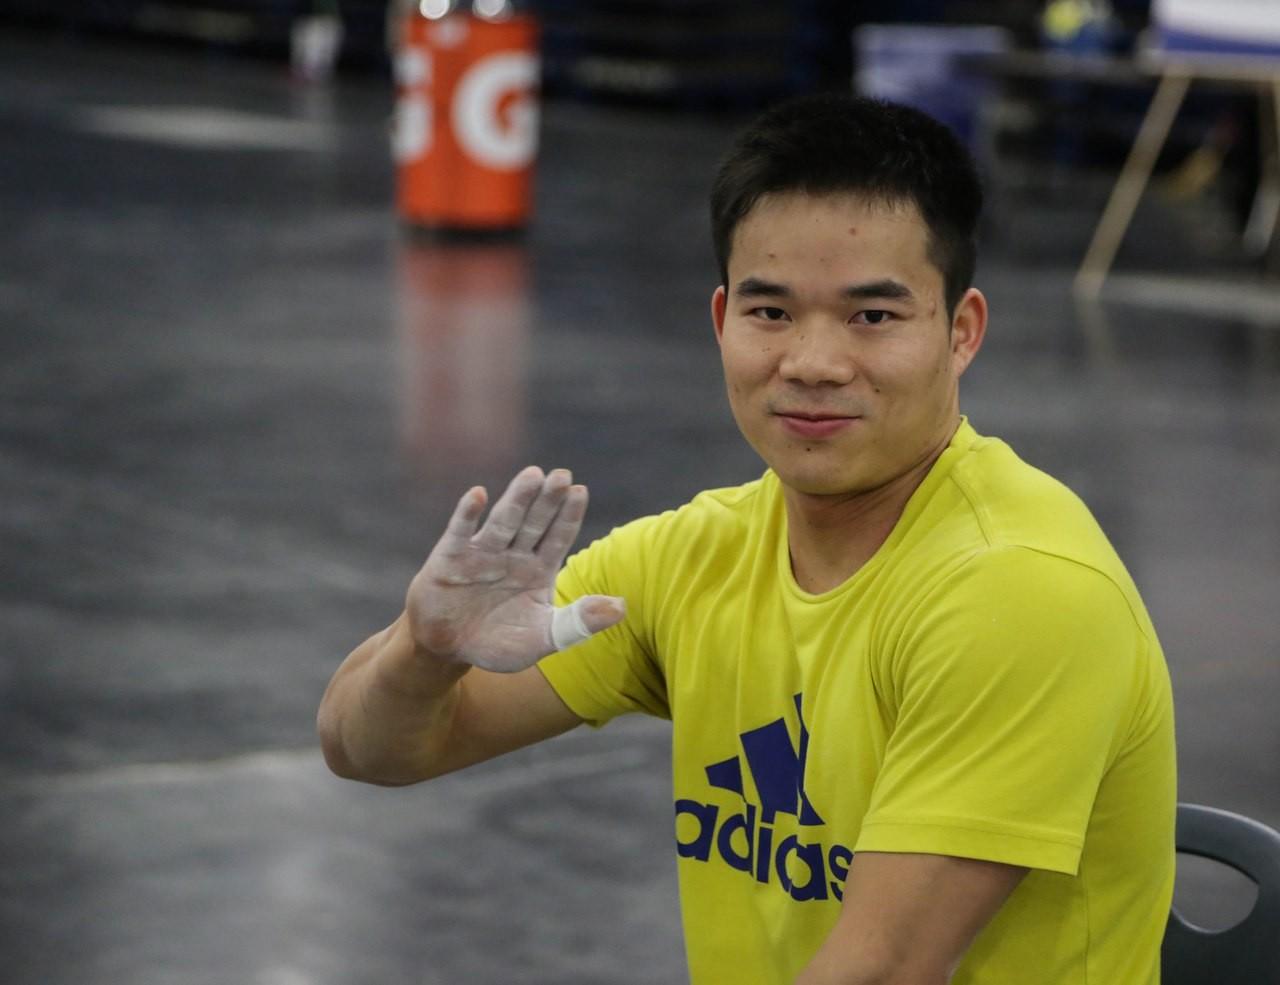 Казахстанец Фархад Харки стал вторым на ЧМ по тяжелой атлетике в Ашхабаде